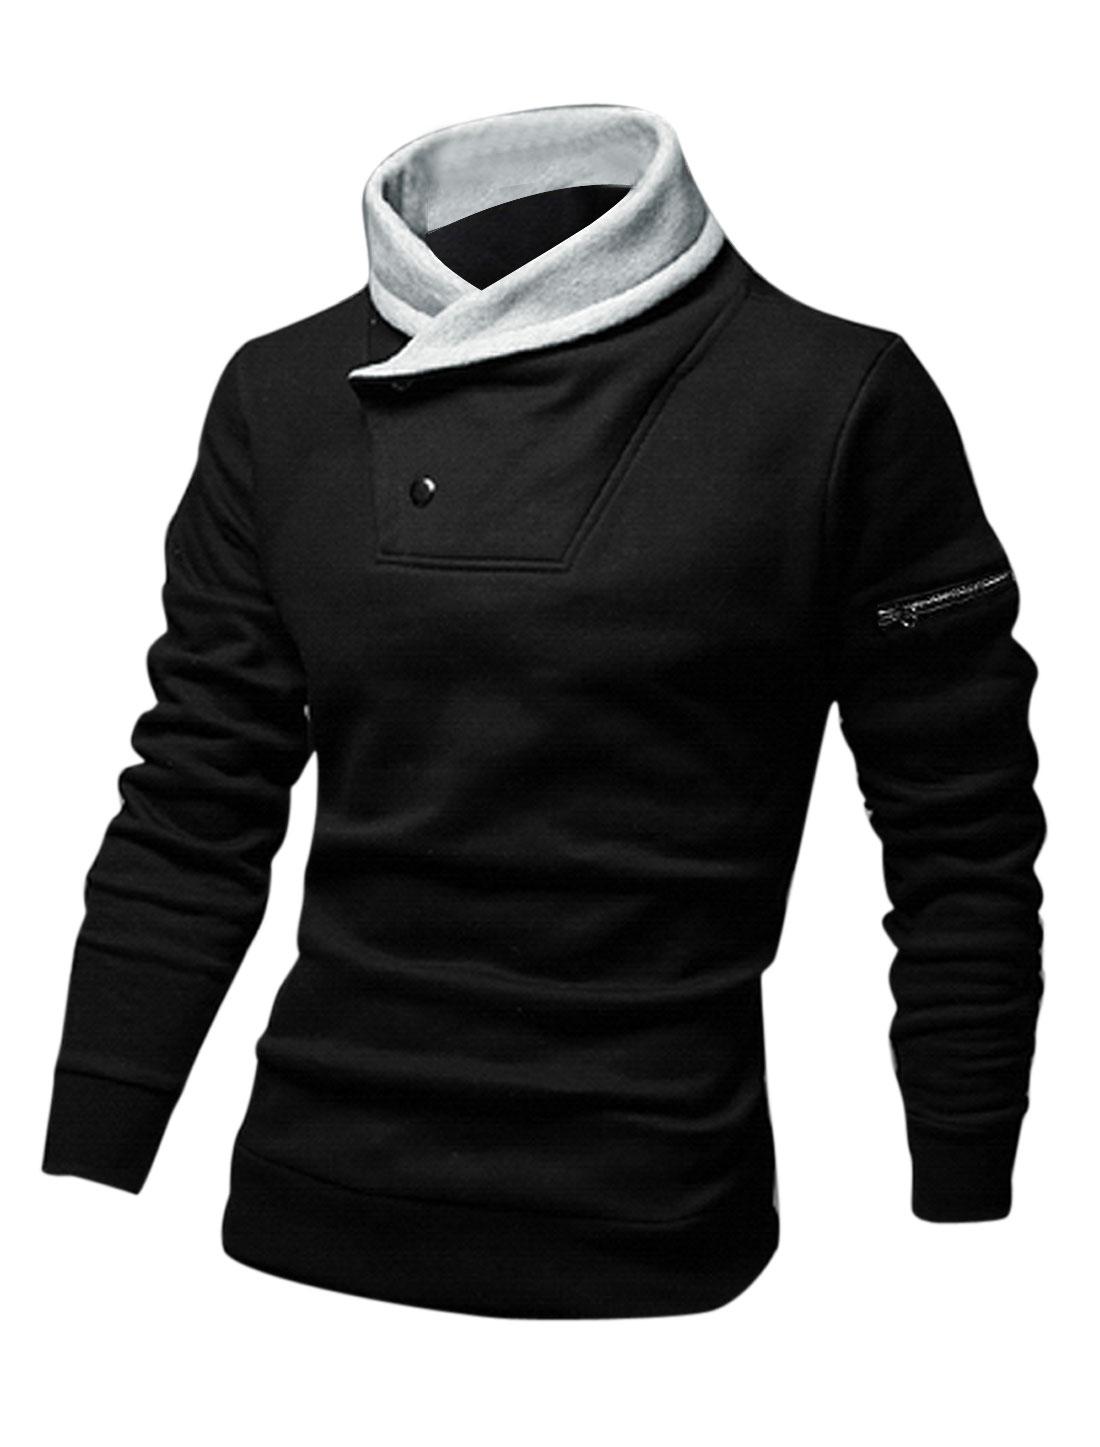 Men Cocoon Neck Fleece Lined Zipper Decor Casual Sweatshirt Black M